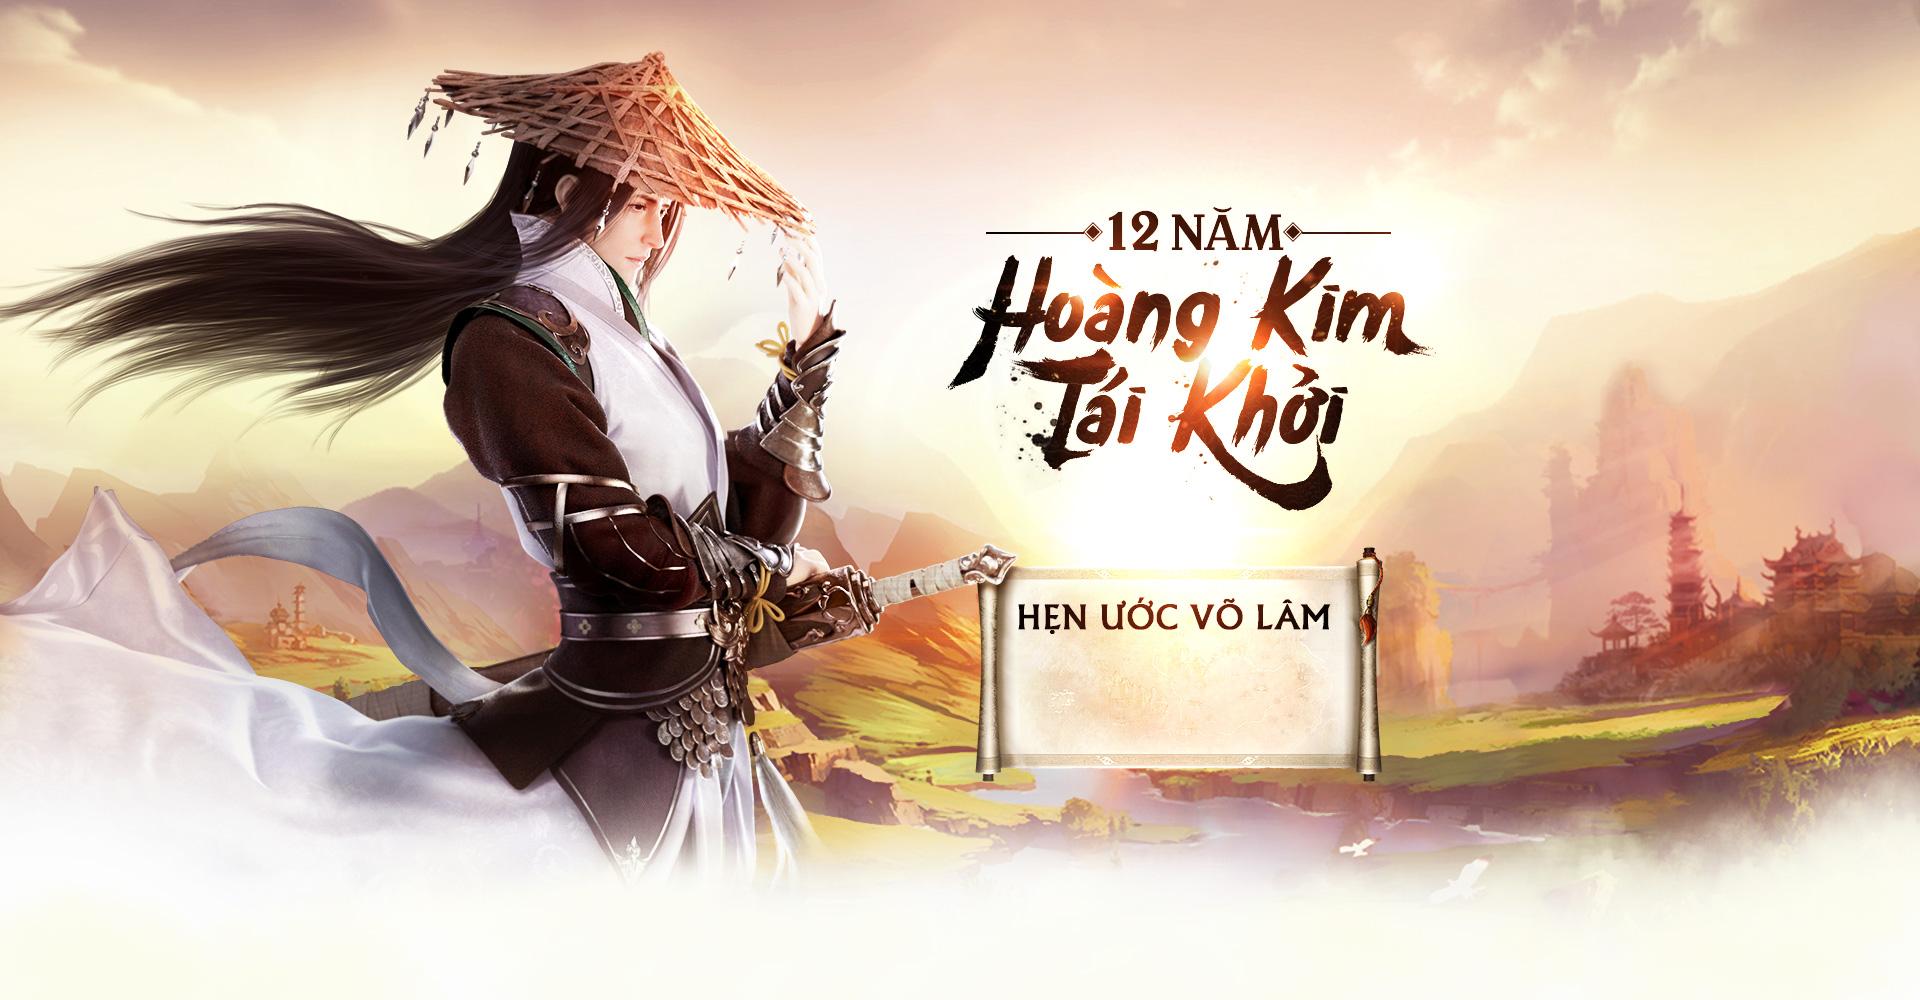 Cách nạp VLTK mobile để nhận được nhiều Kim nguyên bảo nhất